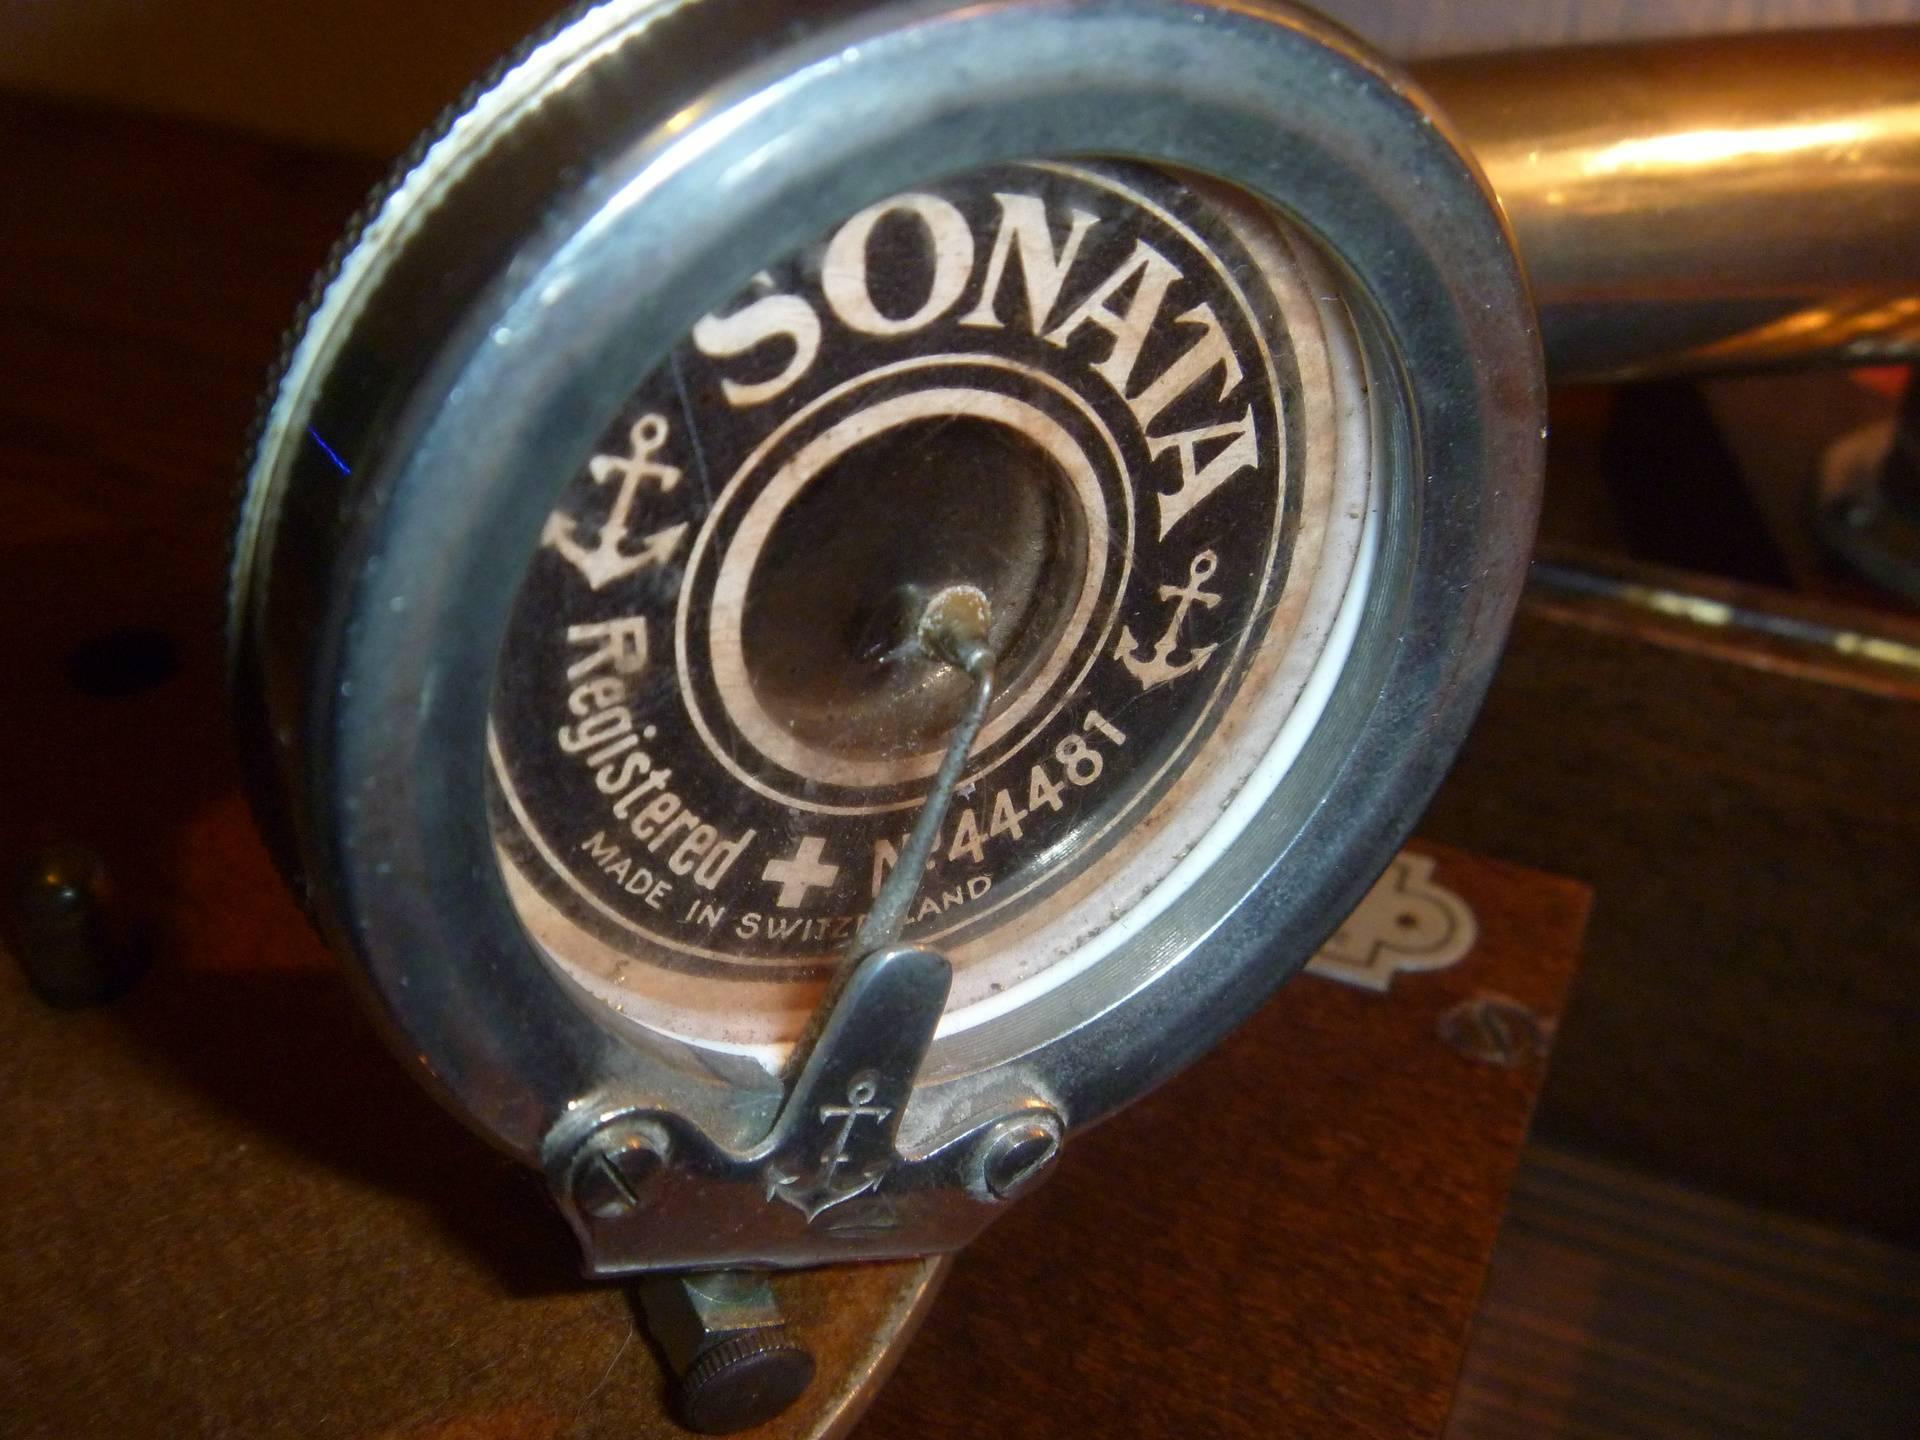 Soundboxes 9